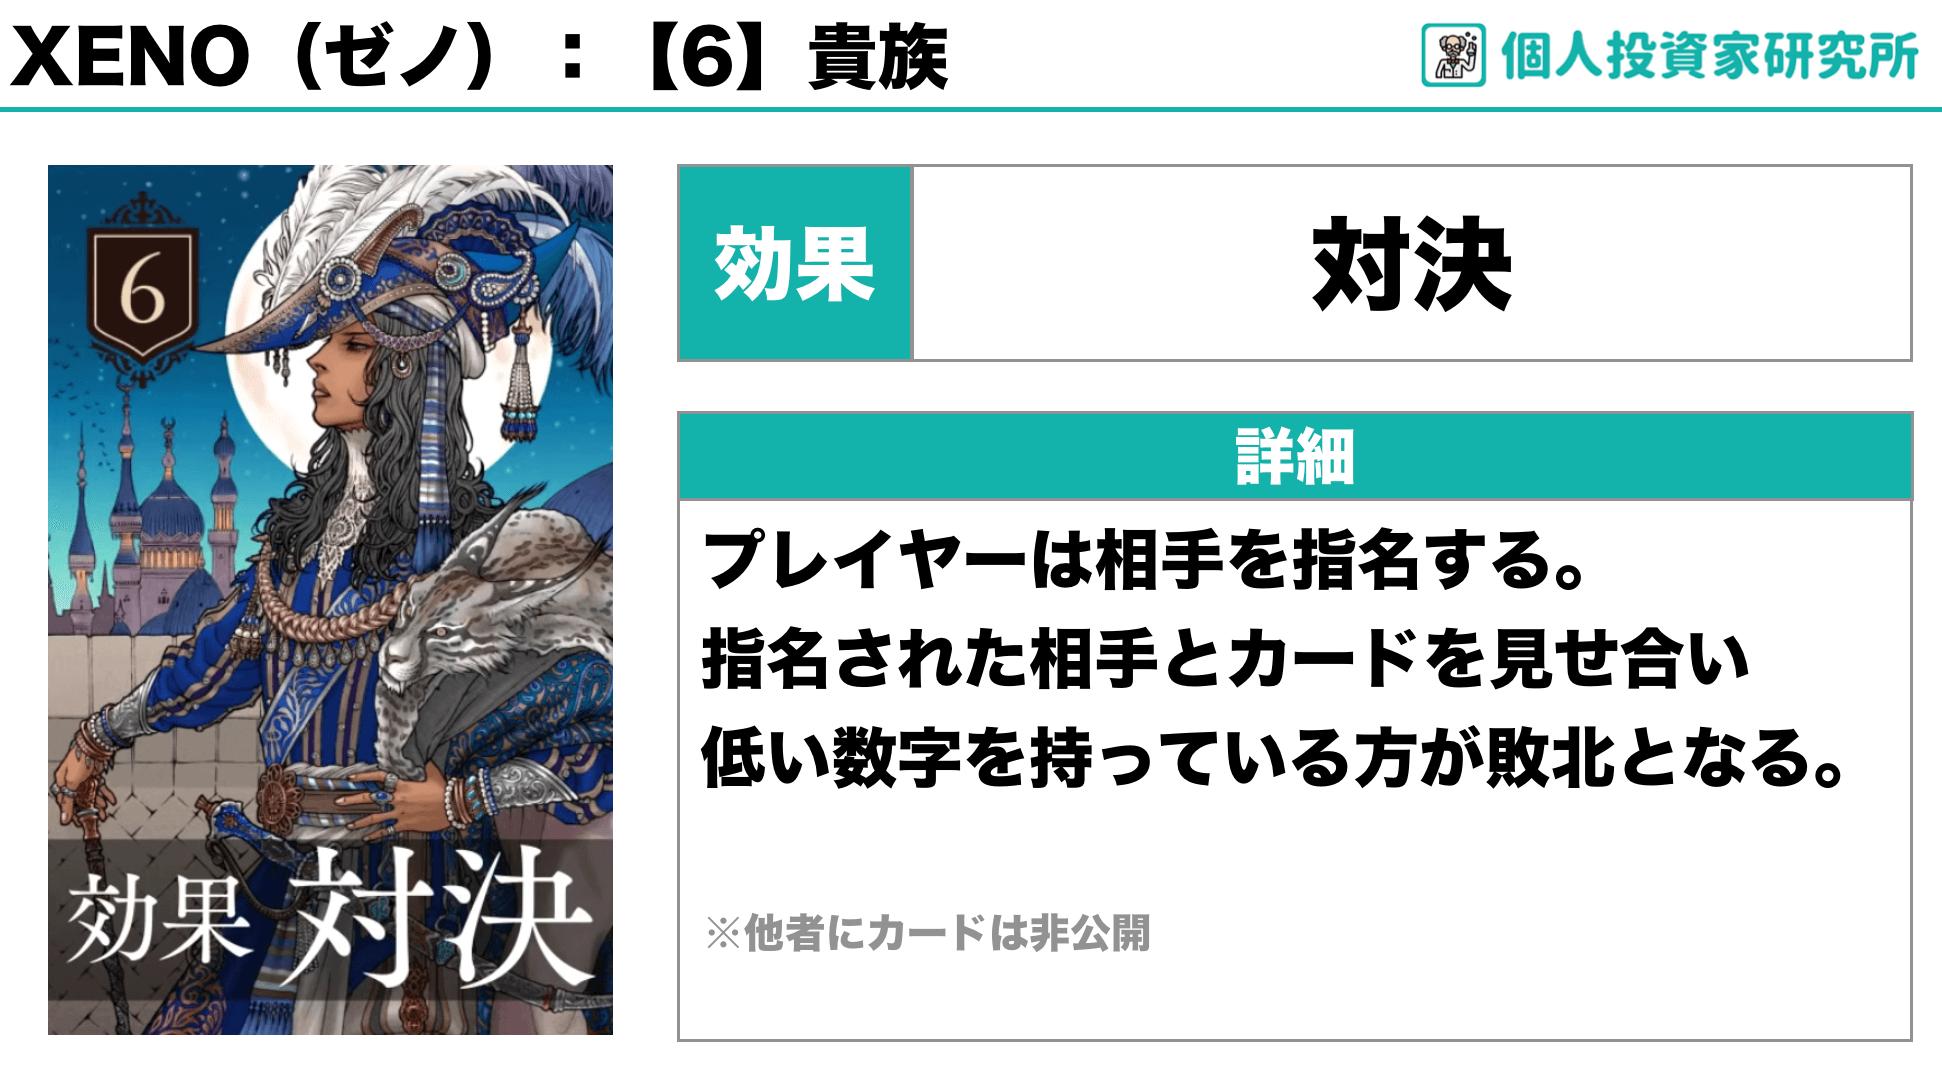 【ルール_カードの効果】中田敦彦さん考案のカードゲーム・XENO(ゼノ)6